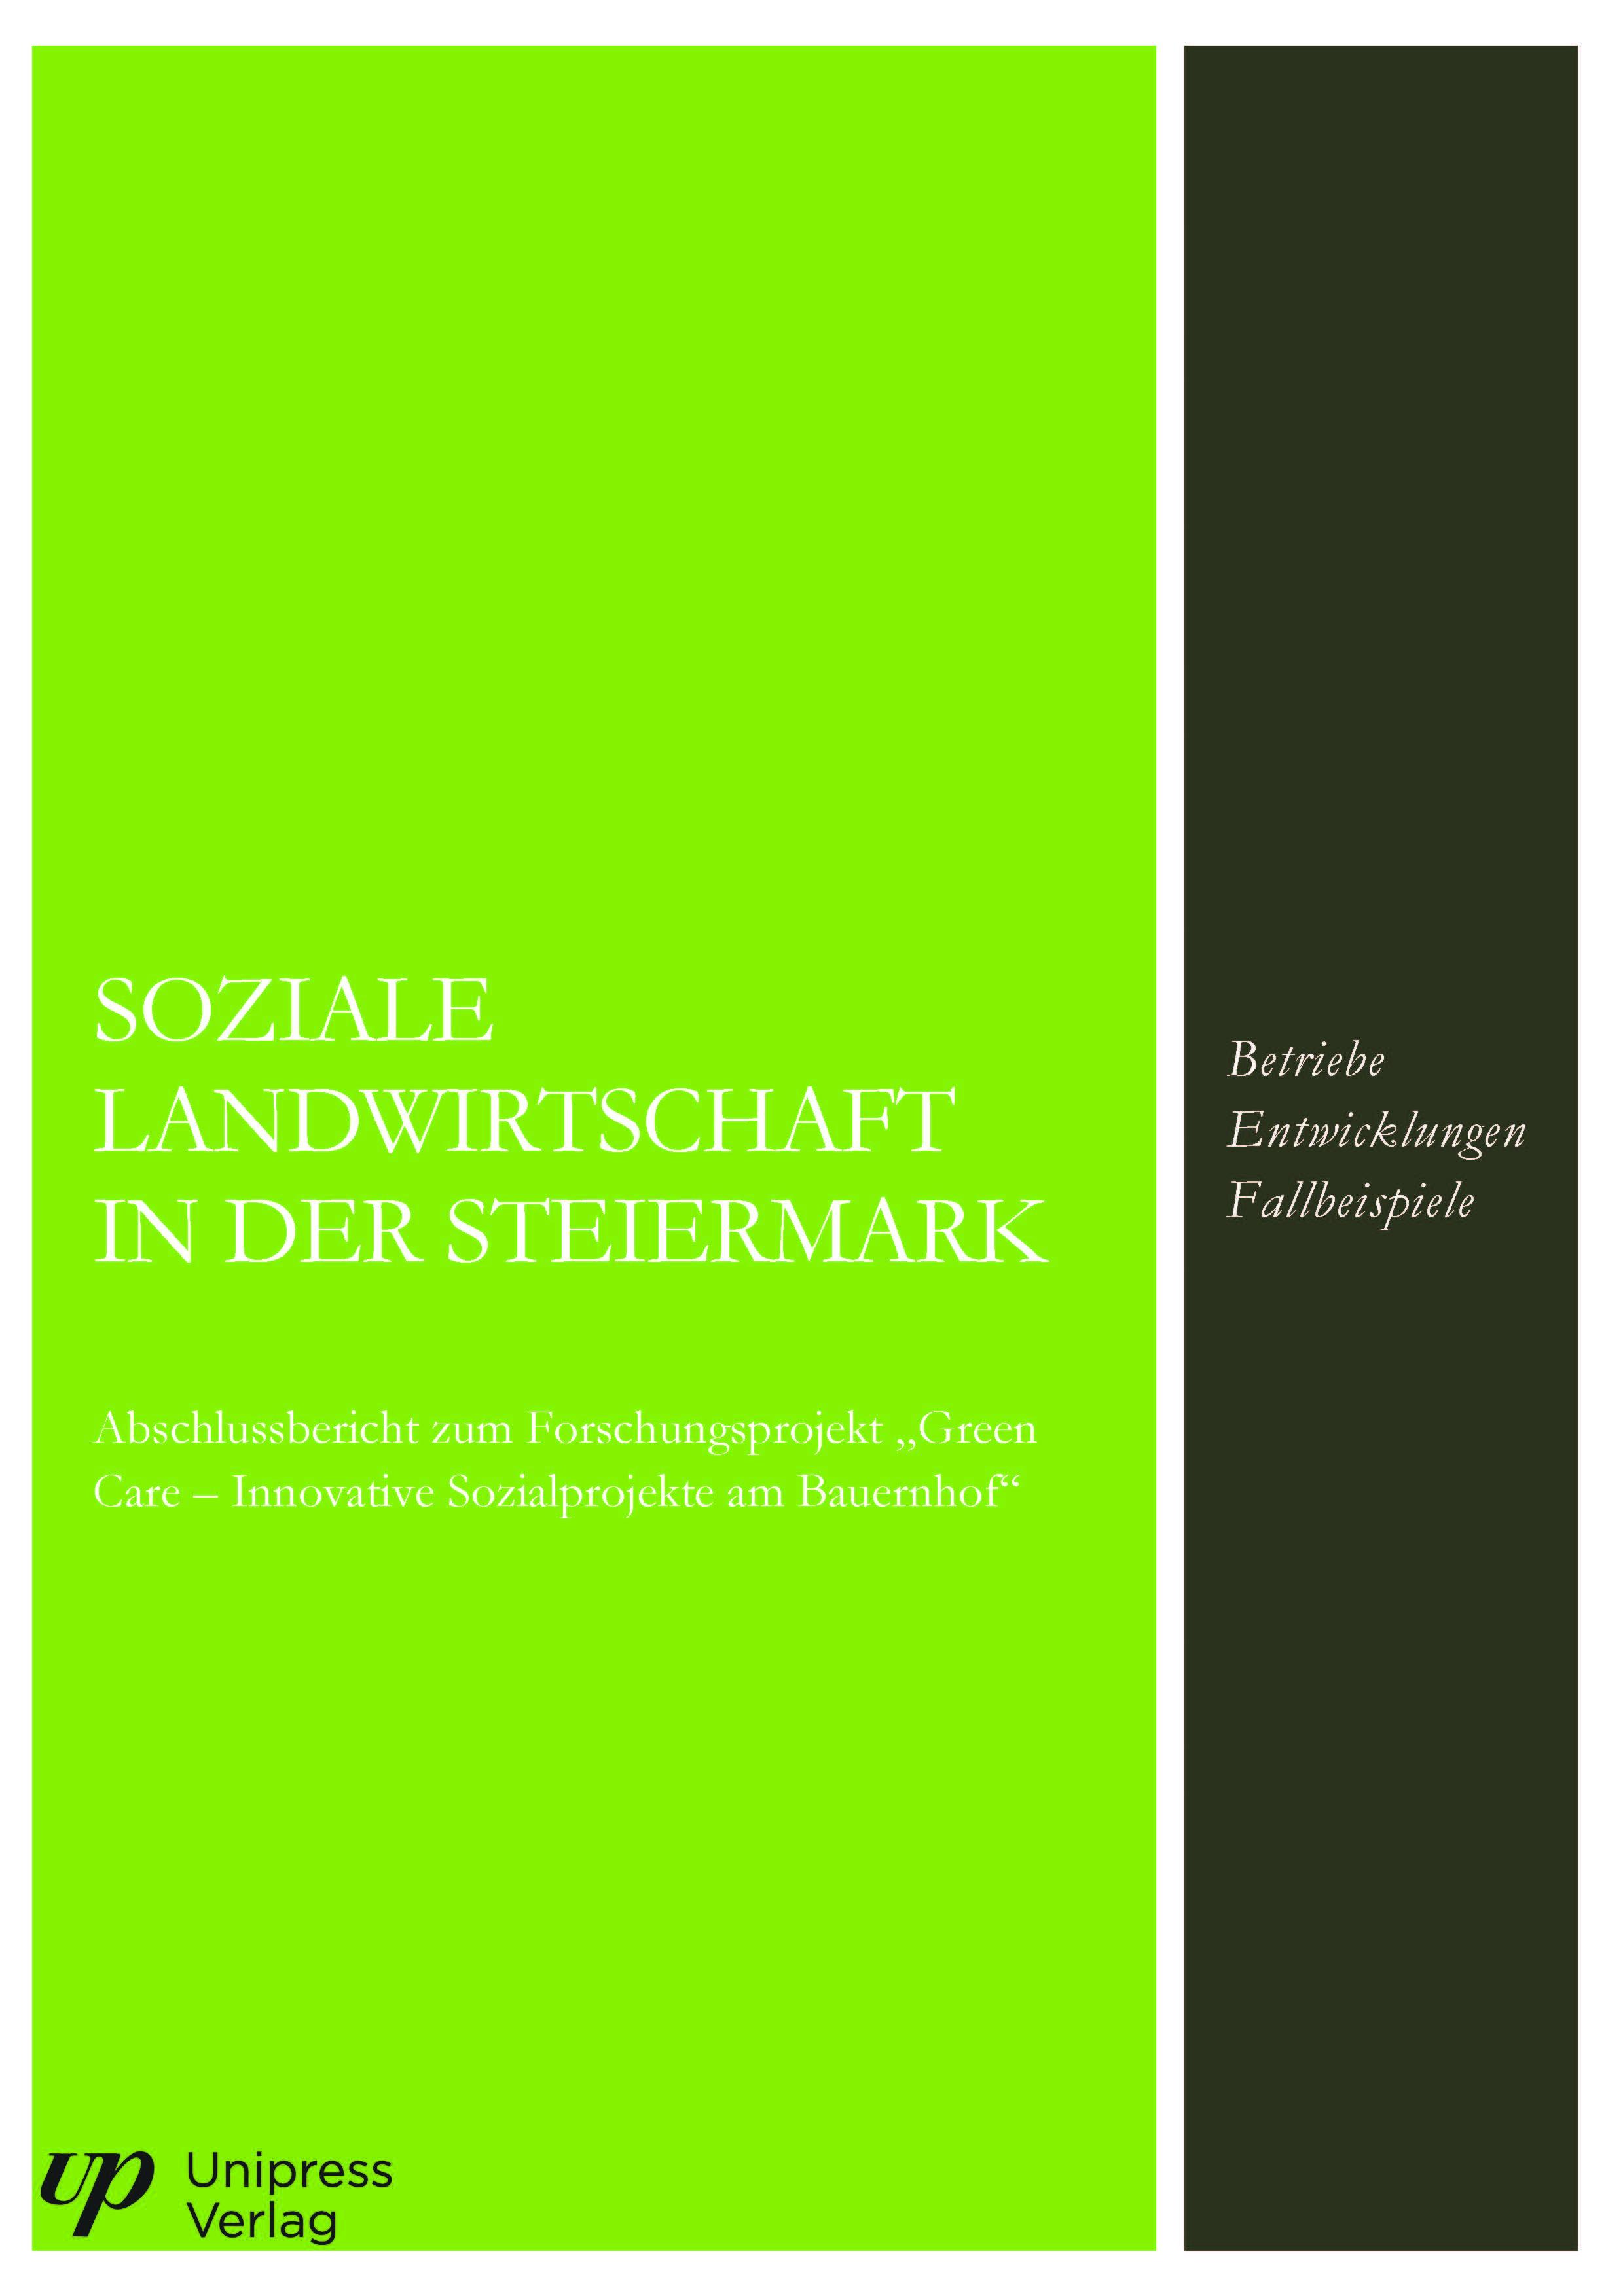 Soziale Landwirtschaft in der Steiermark